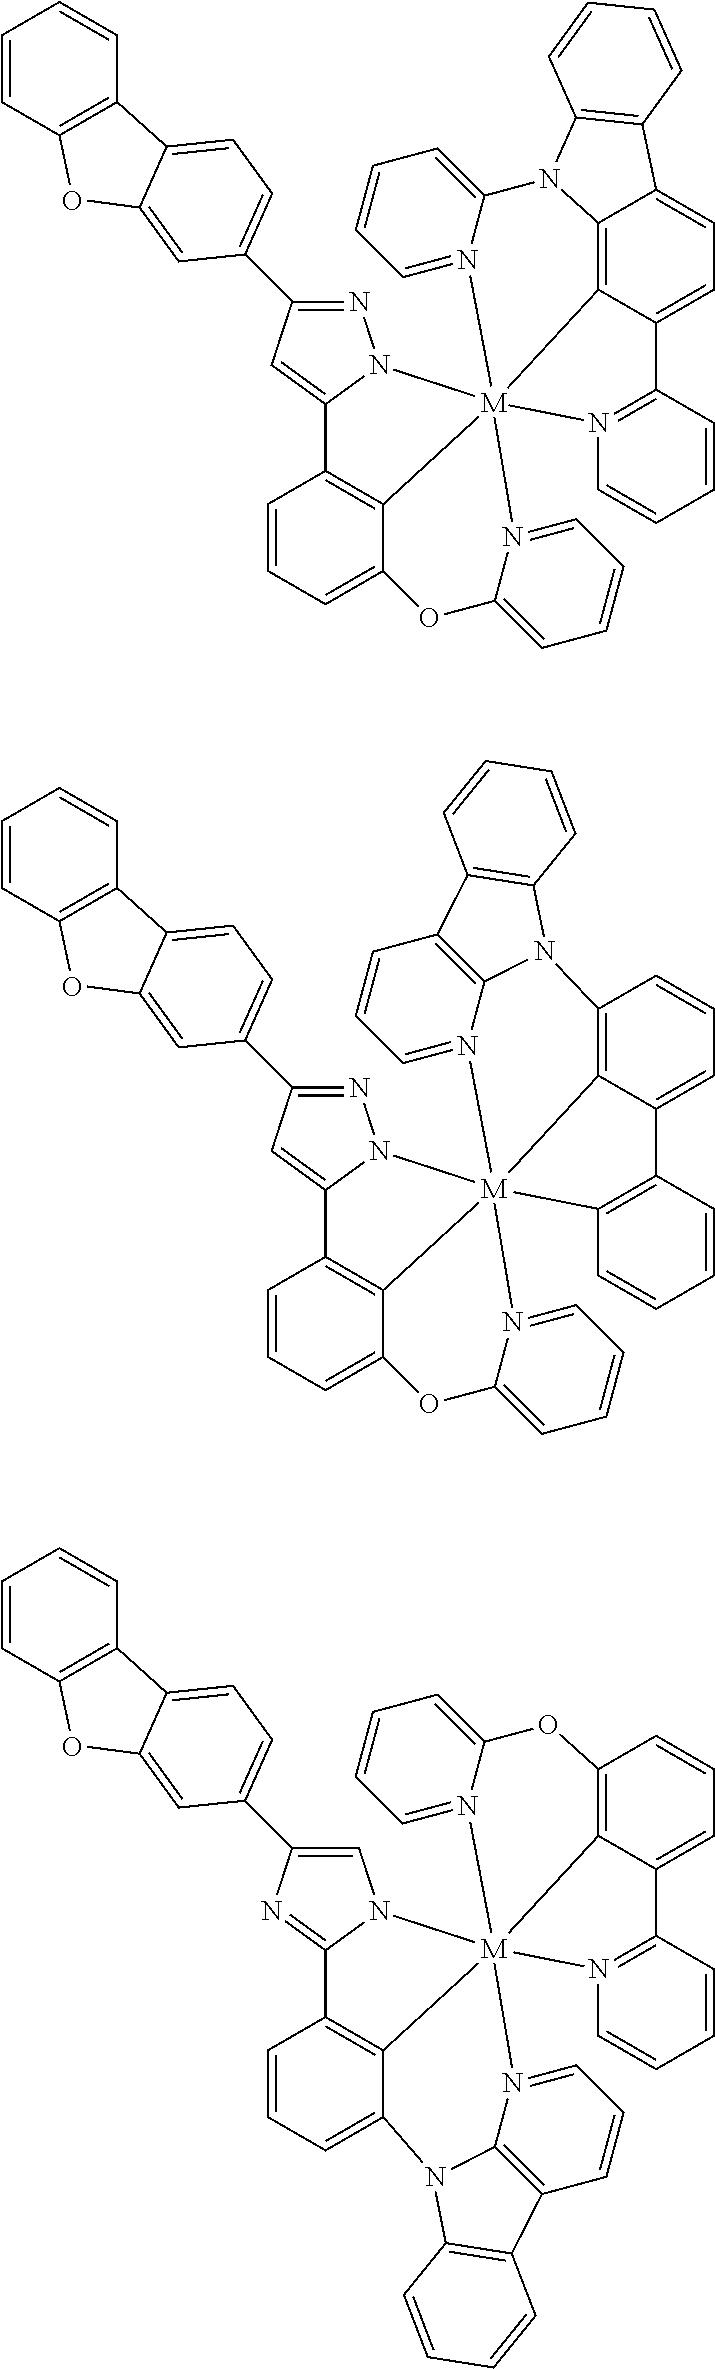 Figure US09818959-20171114-C00433